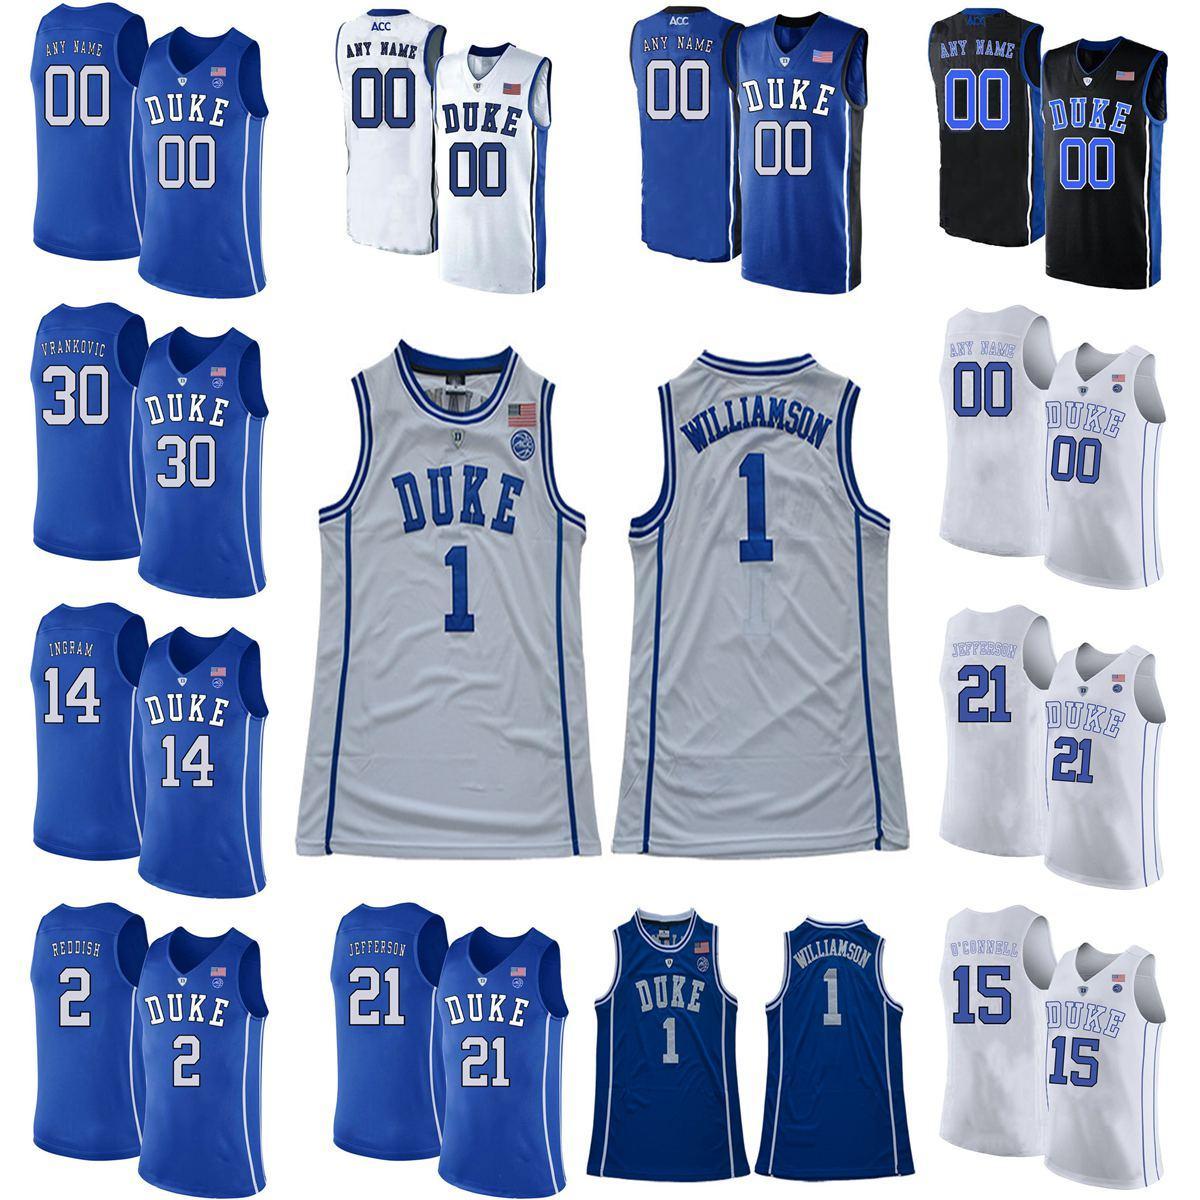 Гербое синие дьяволы колледжа баскетбол майки по баскетболу Grant 33 Hill Jersey Kyrie 1 Ирвинг Jahlil 15 Okafor Brennan Besser Austin 0 реки настроен